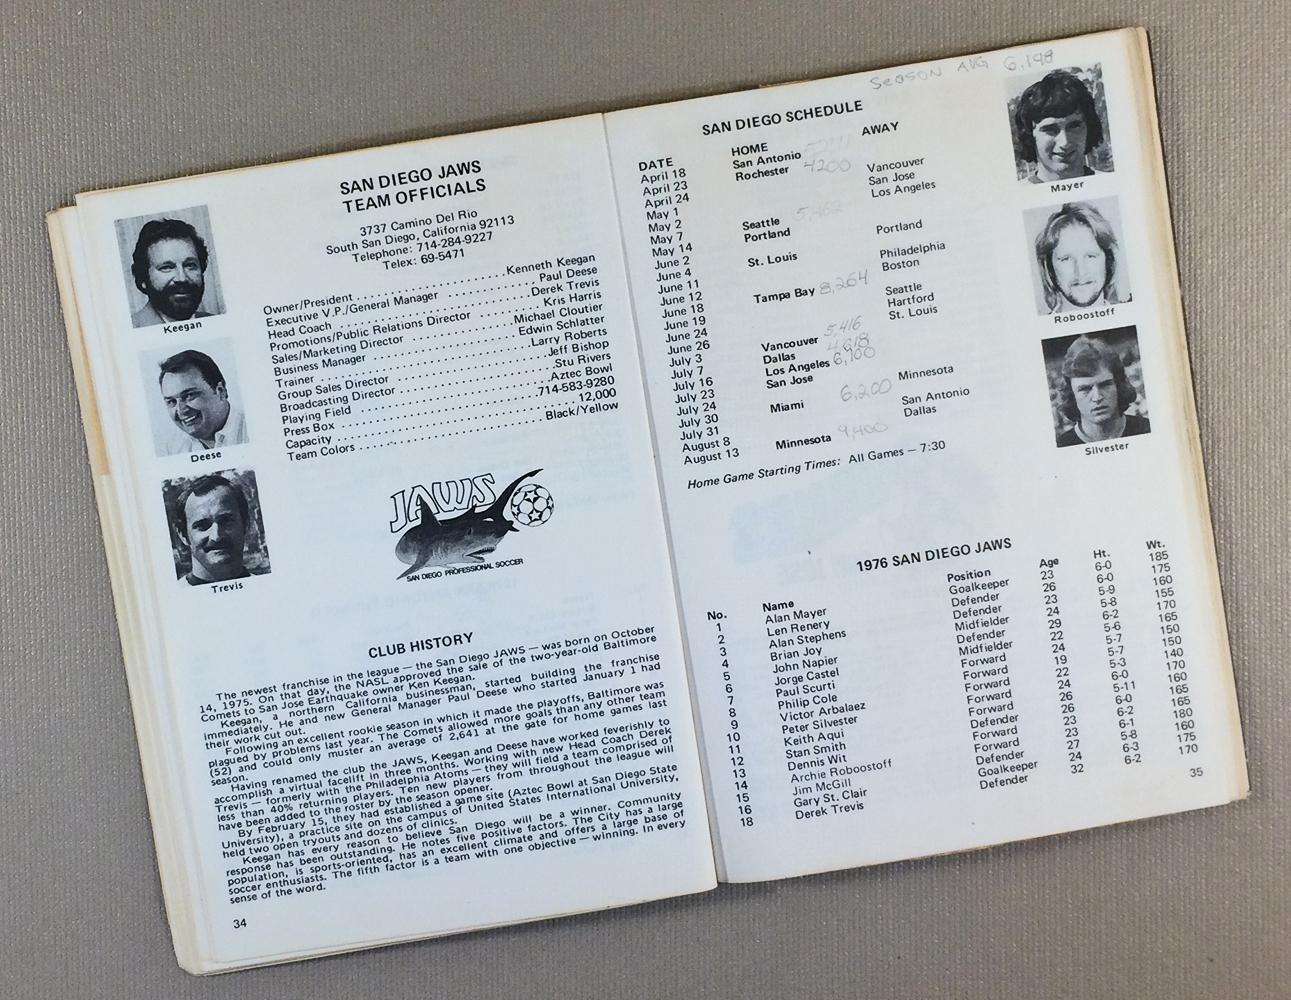 soccer_nasl_1976_media_guide_E.jpg